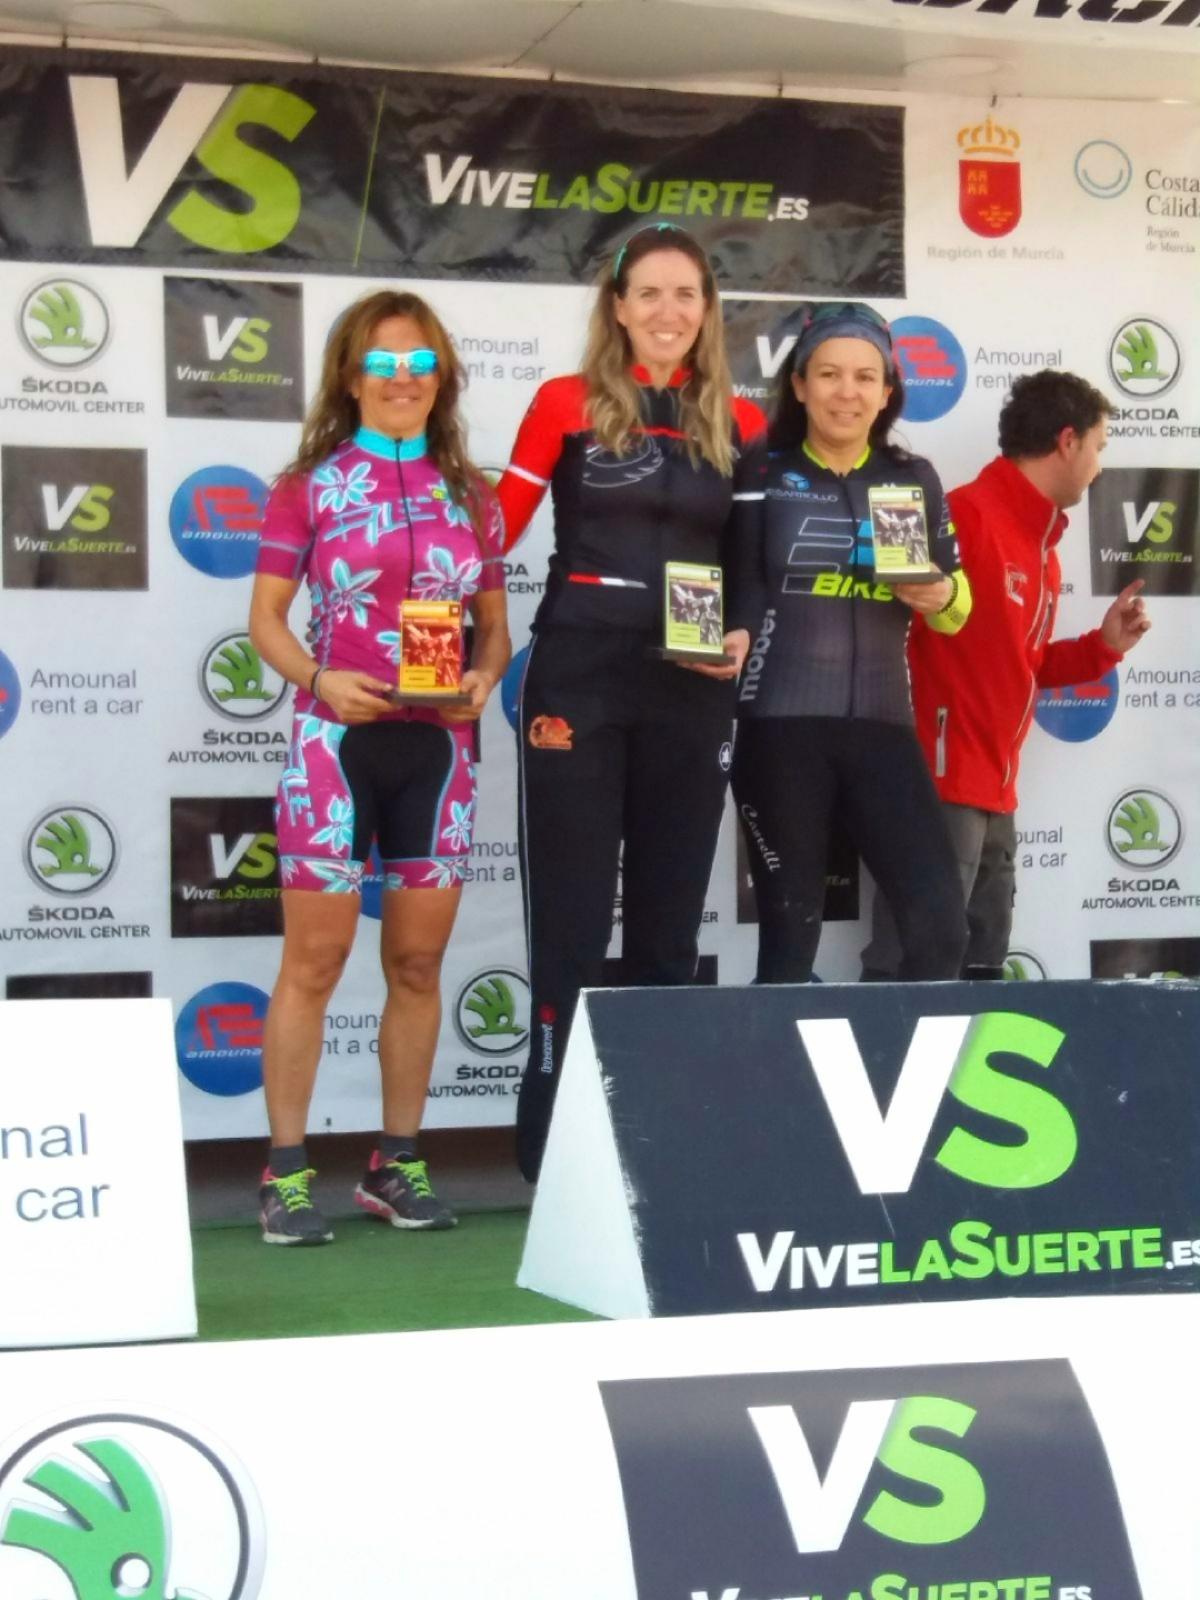 Nuestros_atletas_calientan_motores__Club_Triatlon_Murcia_Unidata_2